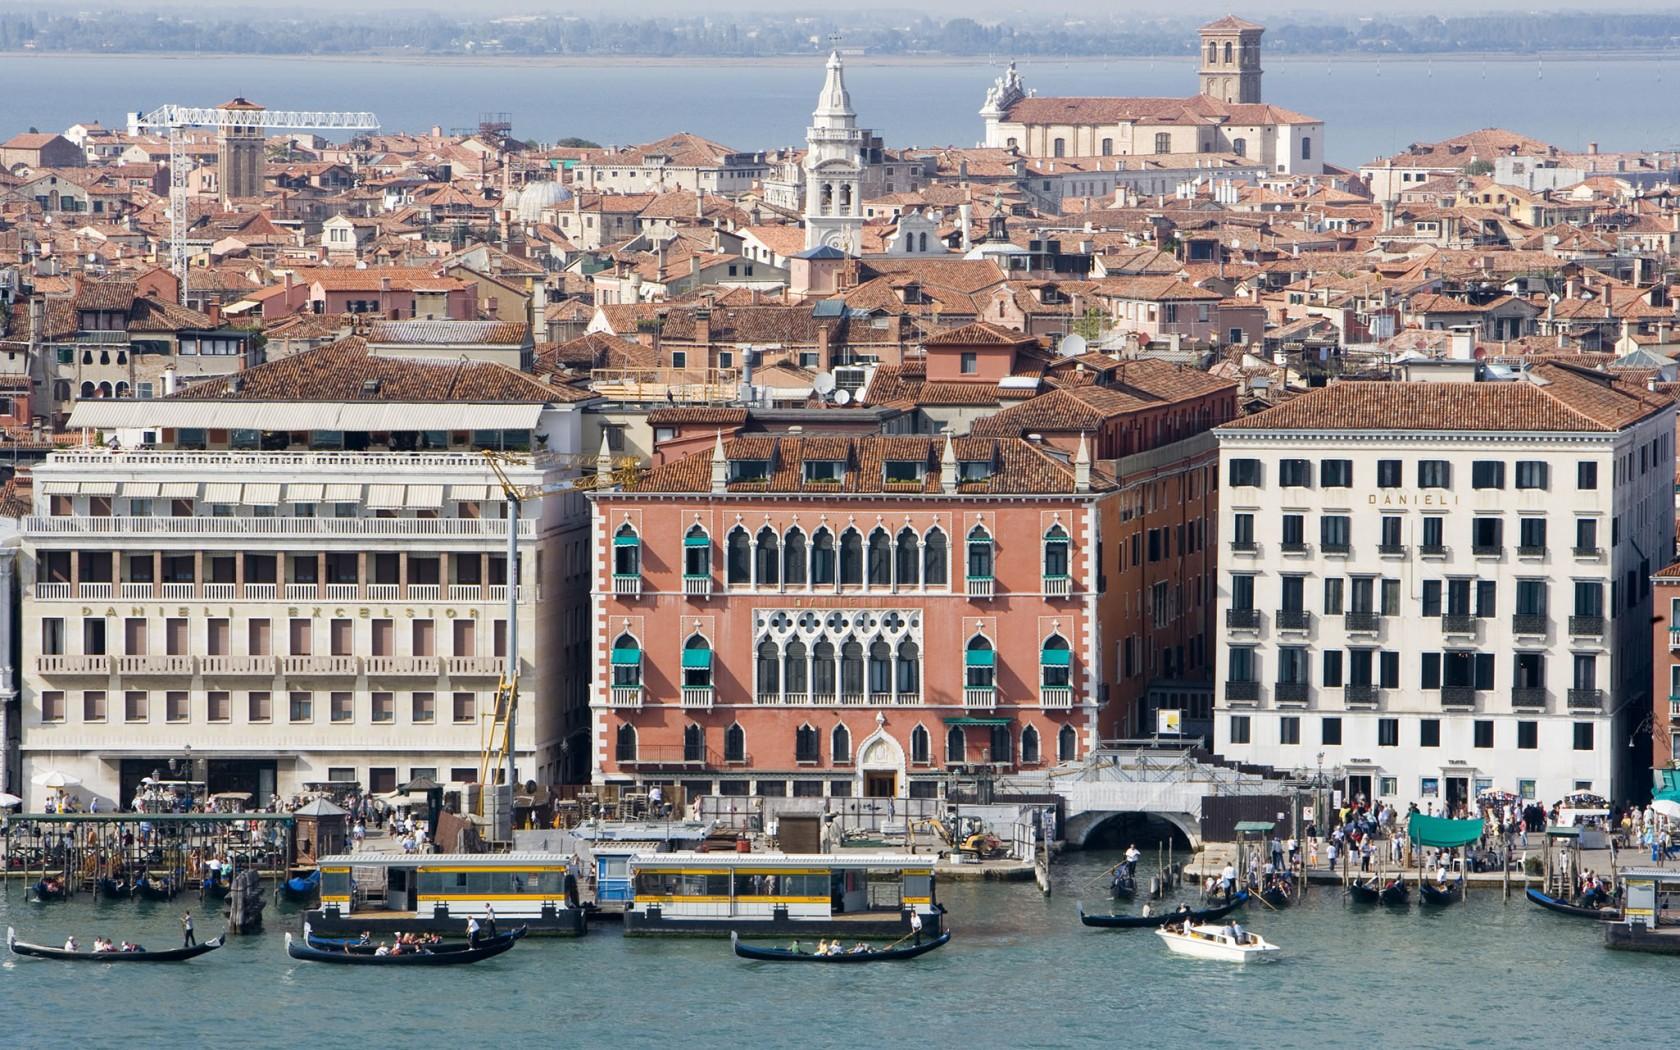 Benátky_008-1680x1050